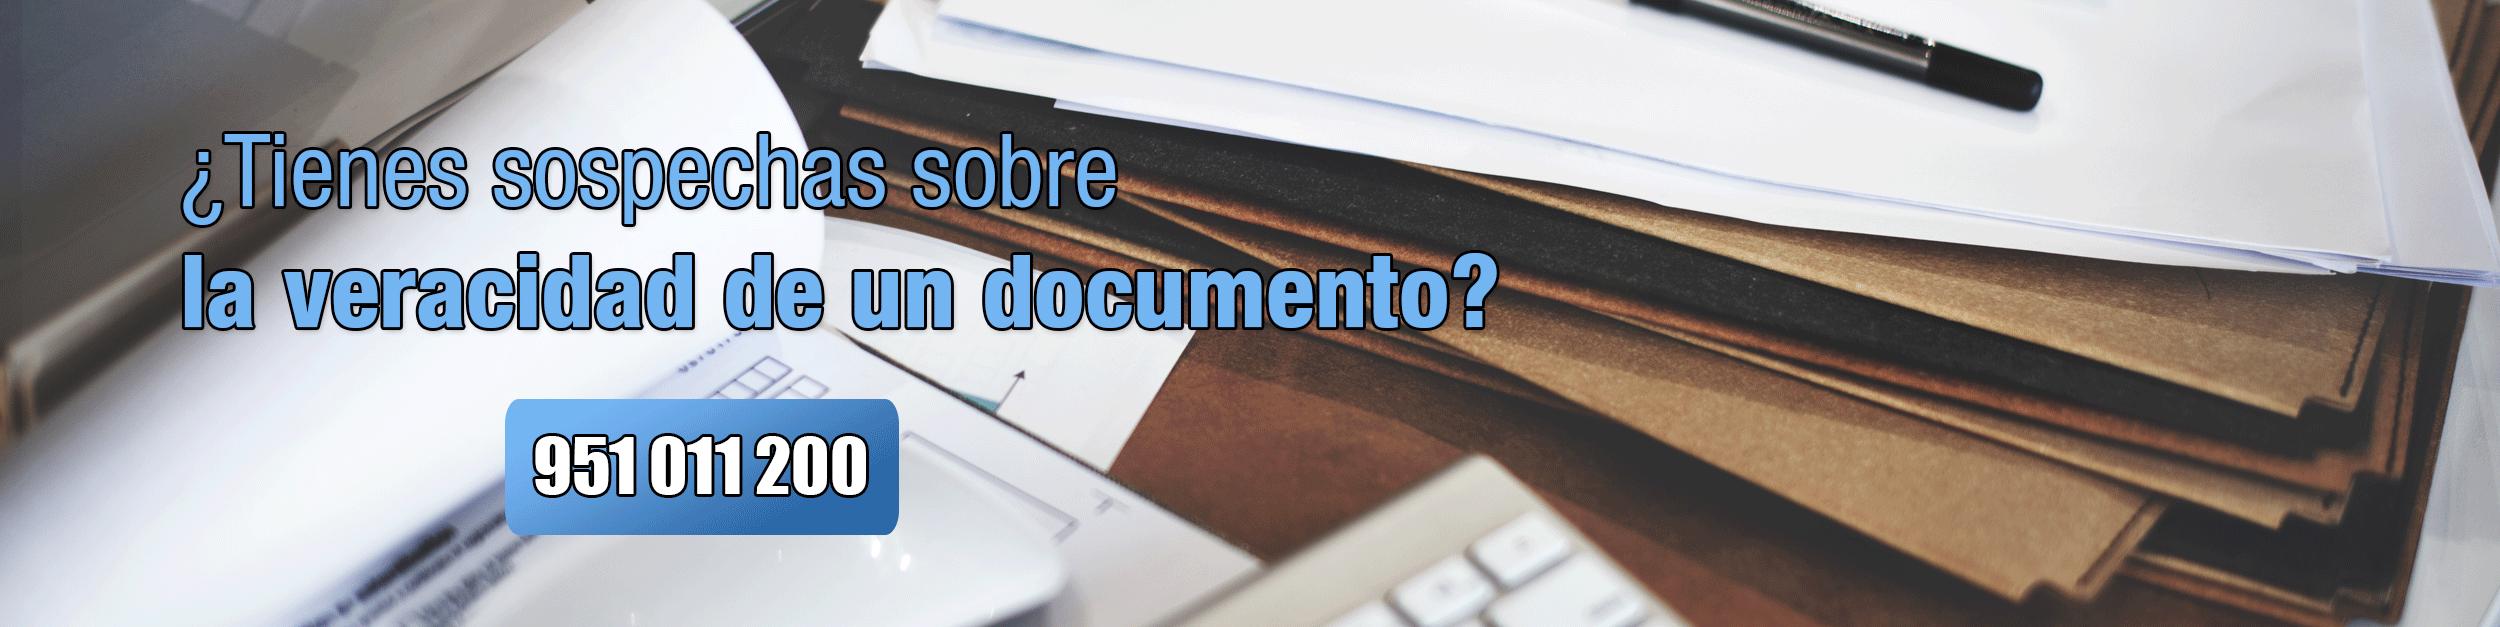 Falsedad documental Perito Informático Málaga